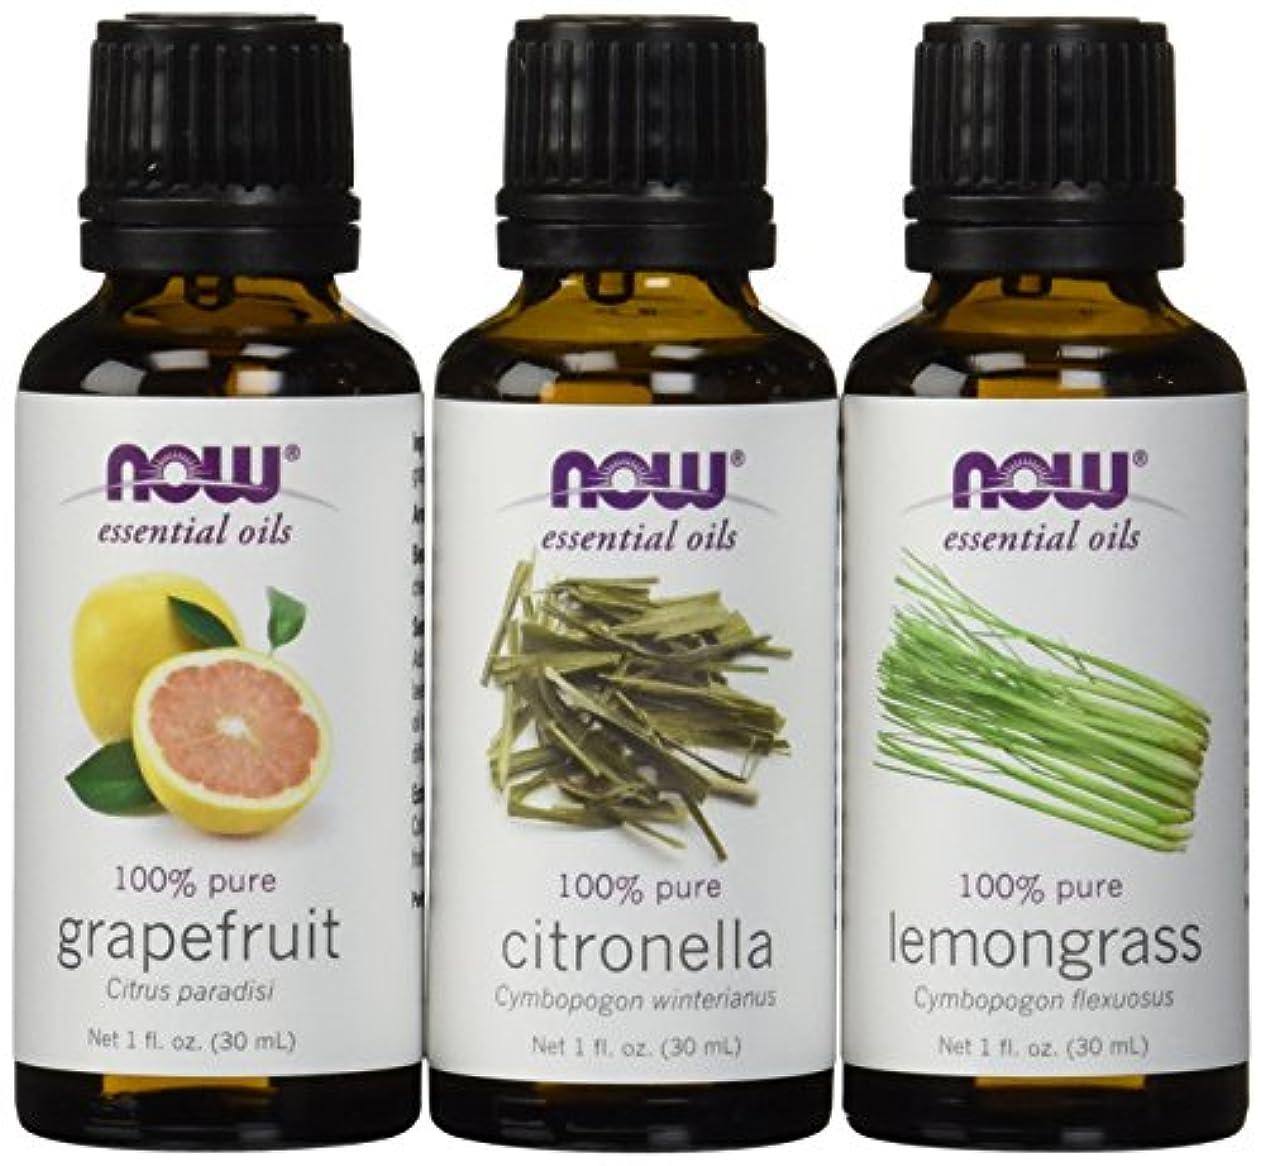 多くの危険がある状況微視的値虫除けに ナウフーズ エッセンシャルオイルブレンド:シトロネラ?レモングラス?グレープフルーツ[各30ml] NOW Essential Oils: Mosquito Repellent Blend - Citronella...